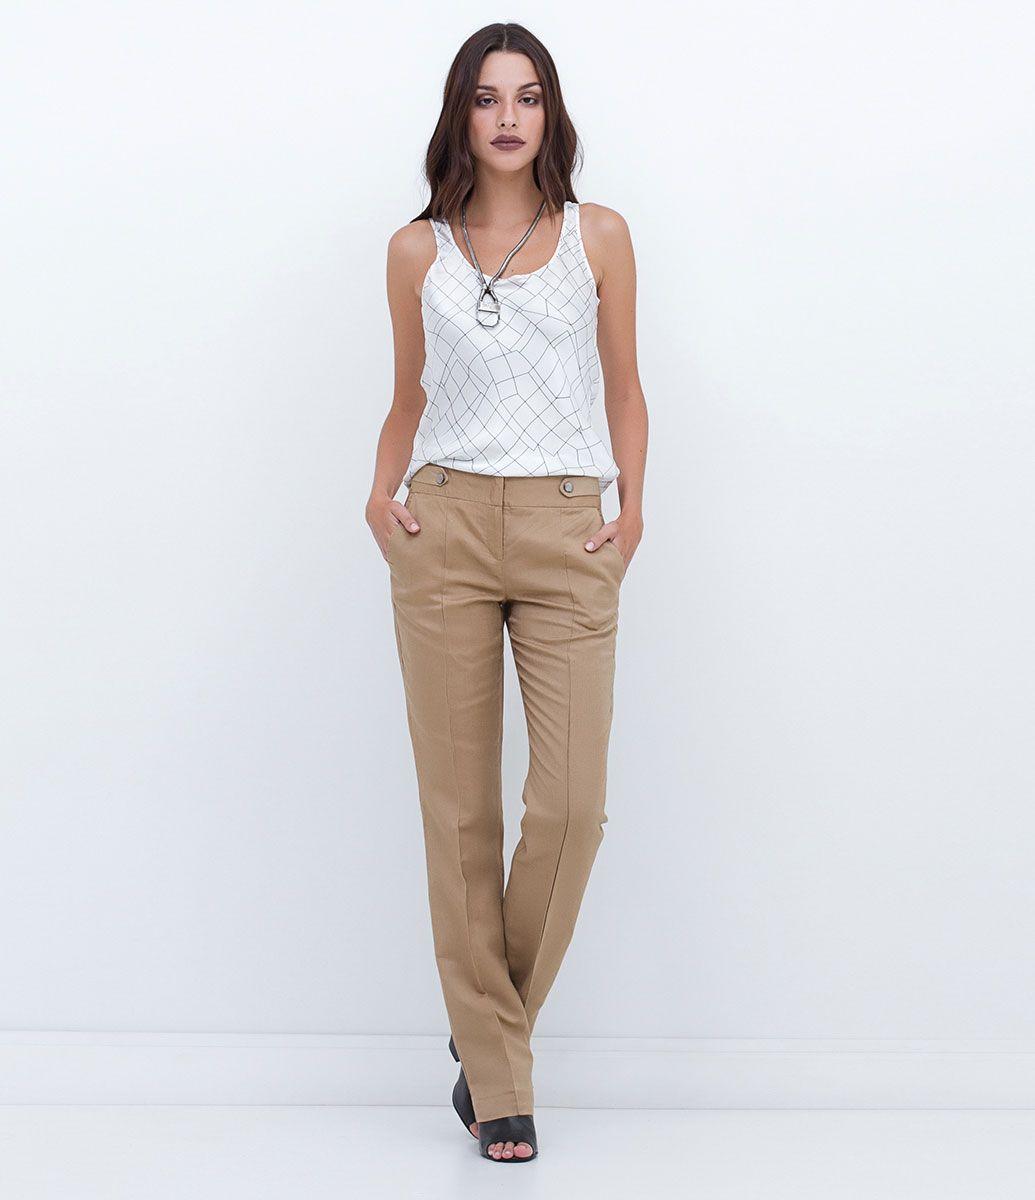 Calça feminina Modelo reto Detalhe de martingale no cós Marca: Cortelle  Tecido: linho Composição